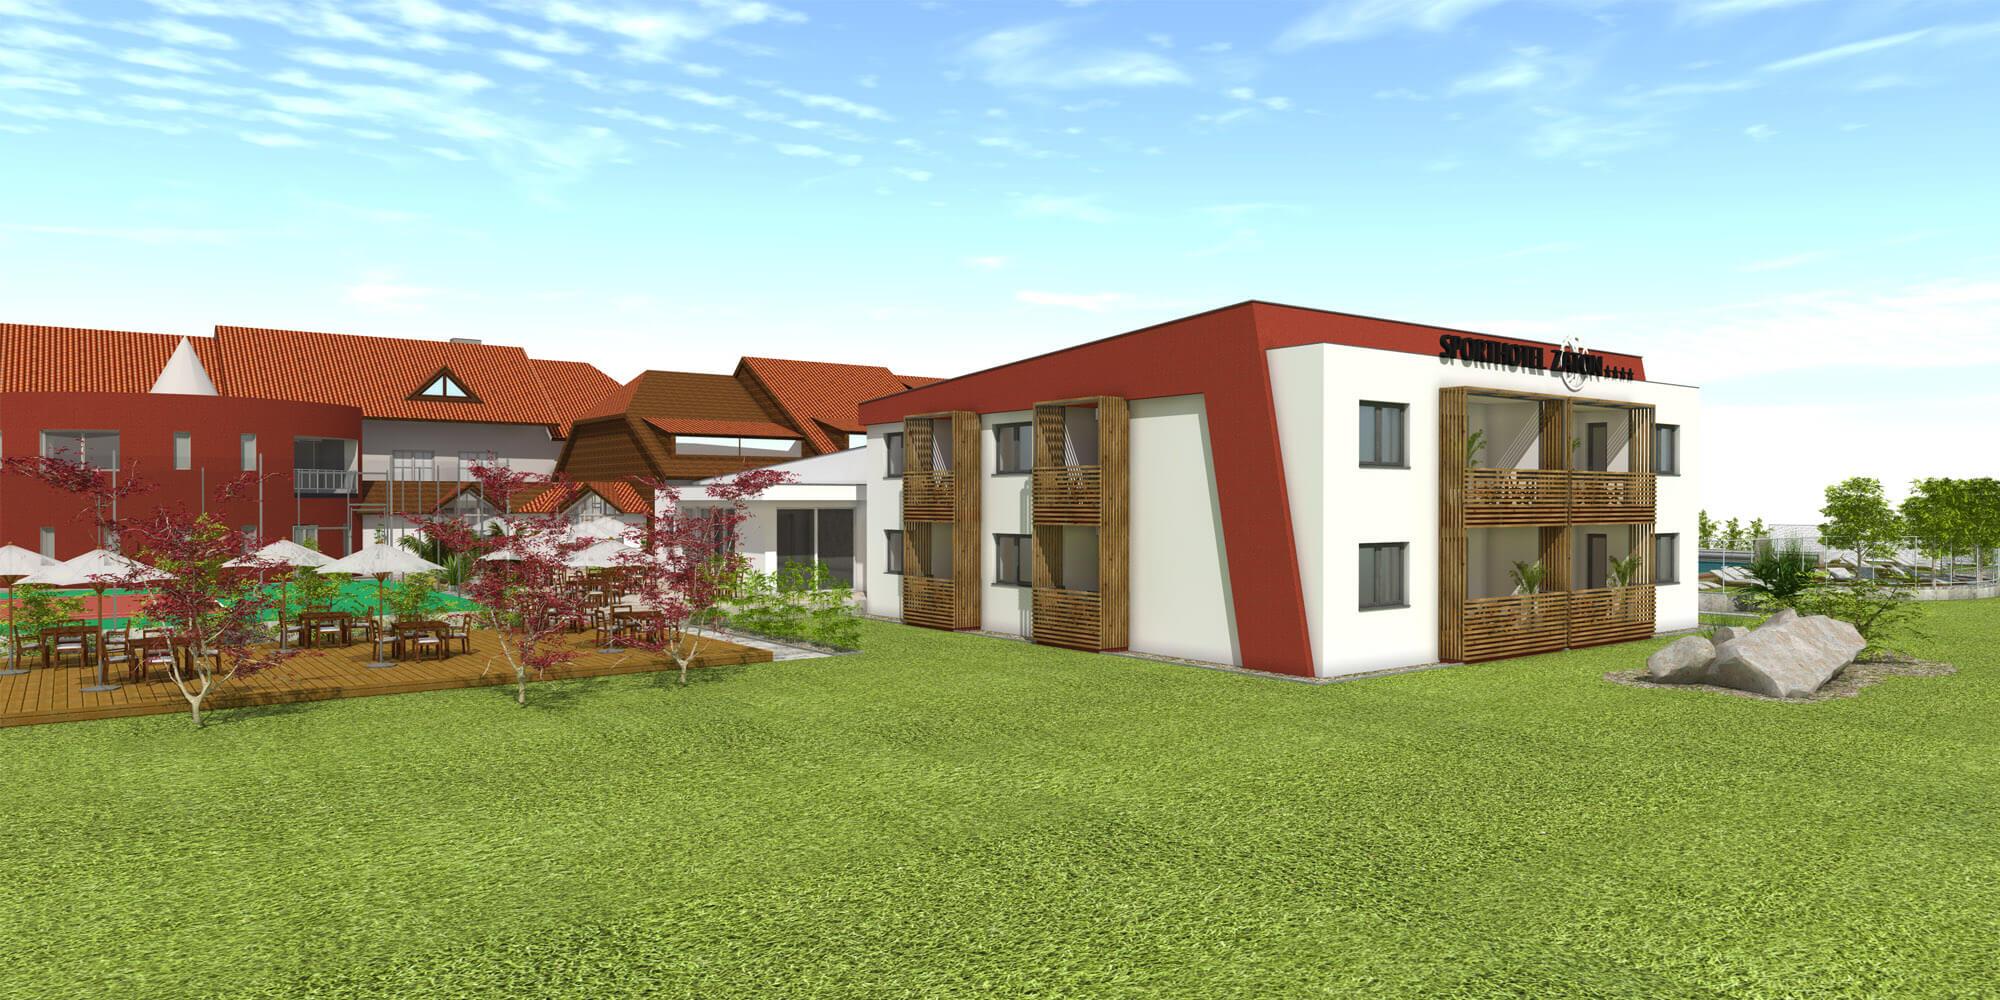 Crea-Plan-Design-Rauch-Frühmann-Architektur-Innenarchitektur-Design-Projekt-Referenz-Hotelerie-Gastronomie-Hotel-Sporthotel-Zaton-Zubau-Zimmer-1